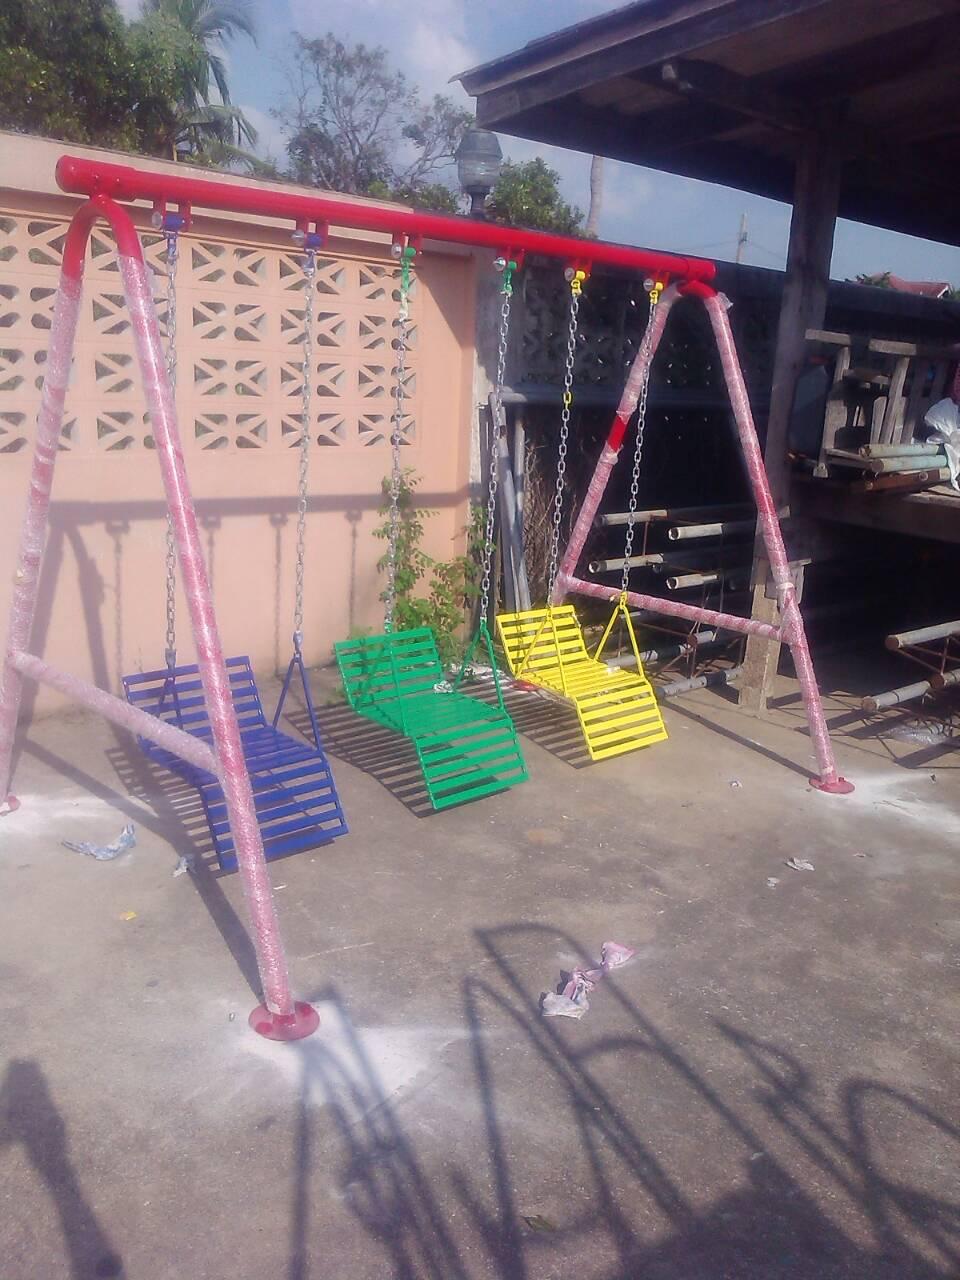 รหัส PG ผลงานติดตั้ง (โรงเรียนอิสลามสัมพันธ์3-บางบัวทอง จ.นนทบุรี) เครื่องเล่นสนามกลางแจ้งสำหรับเด็ก